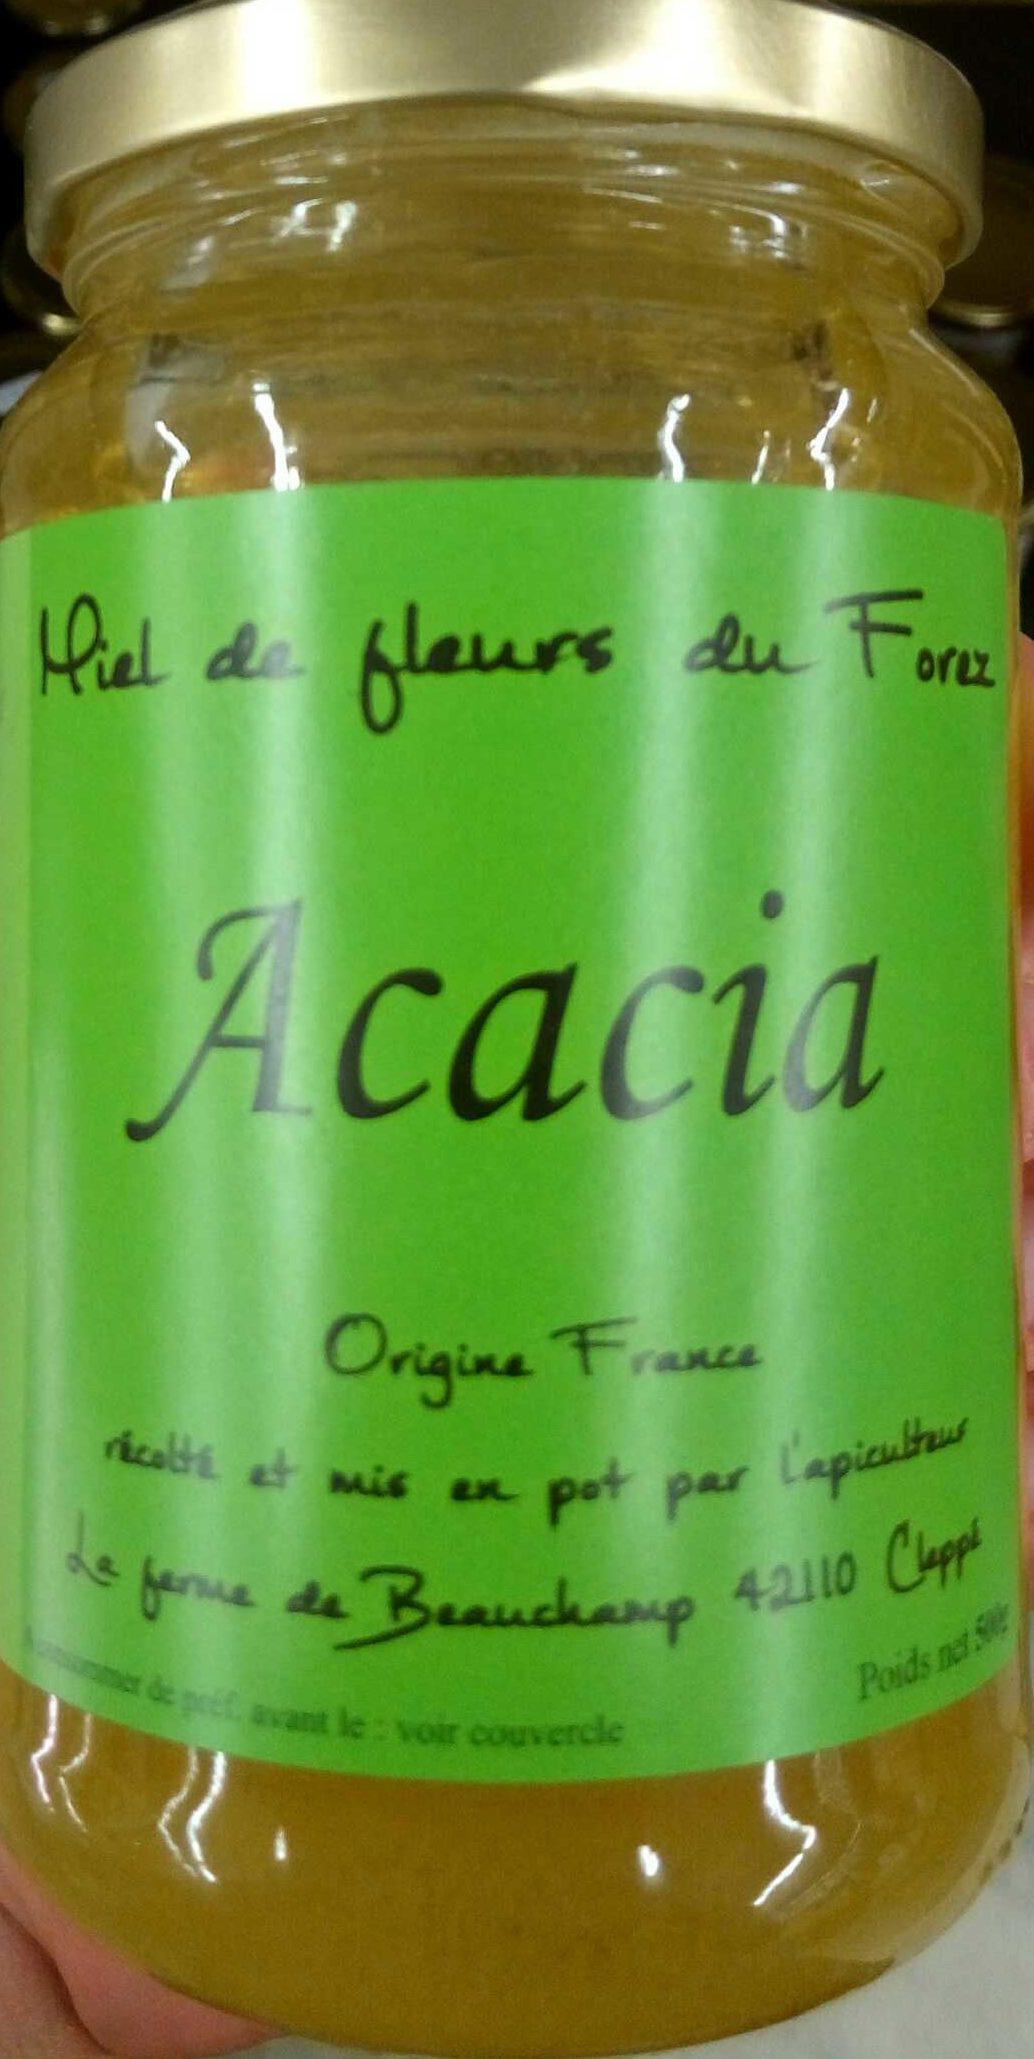 Miel de fleurs du Forez Acacia - Produit - fr